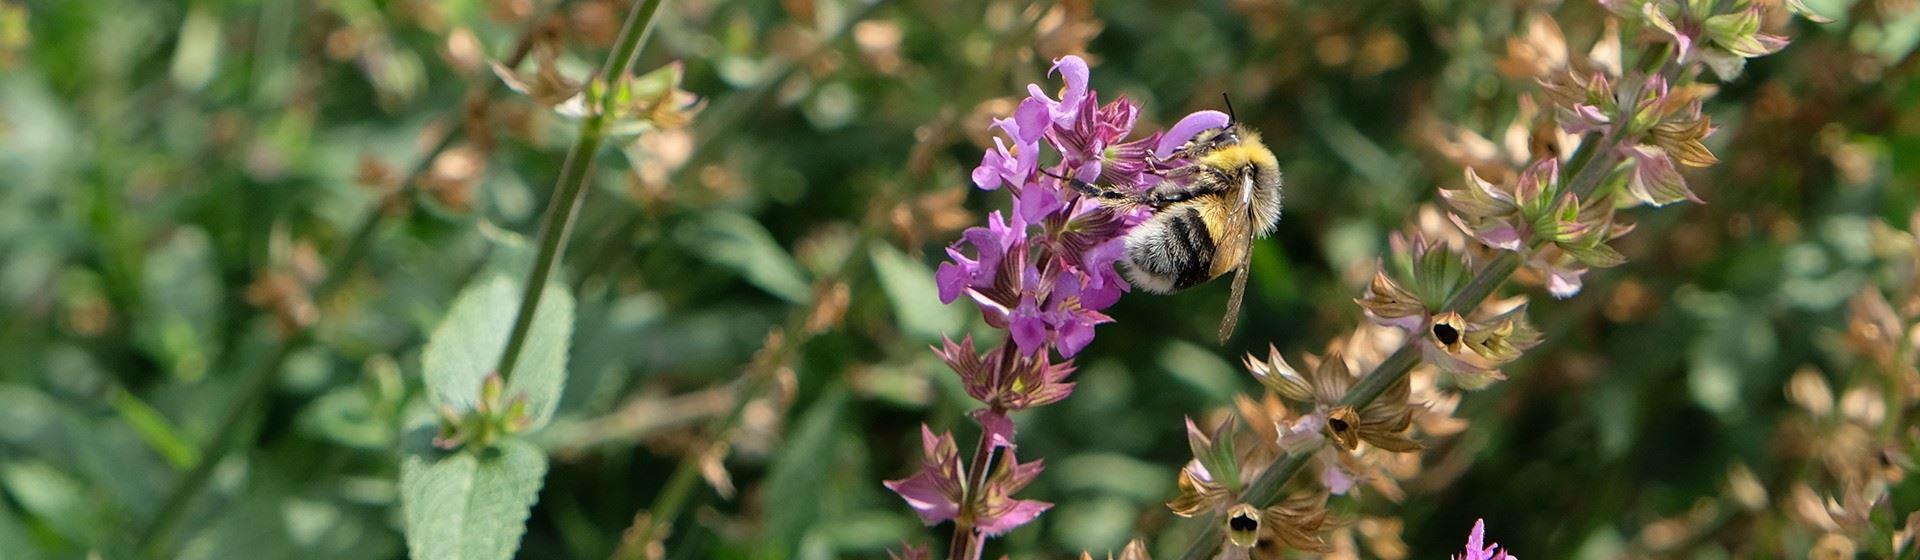 Bijenkolonies in de tuin van Zwitserleven.-second-banner